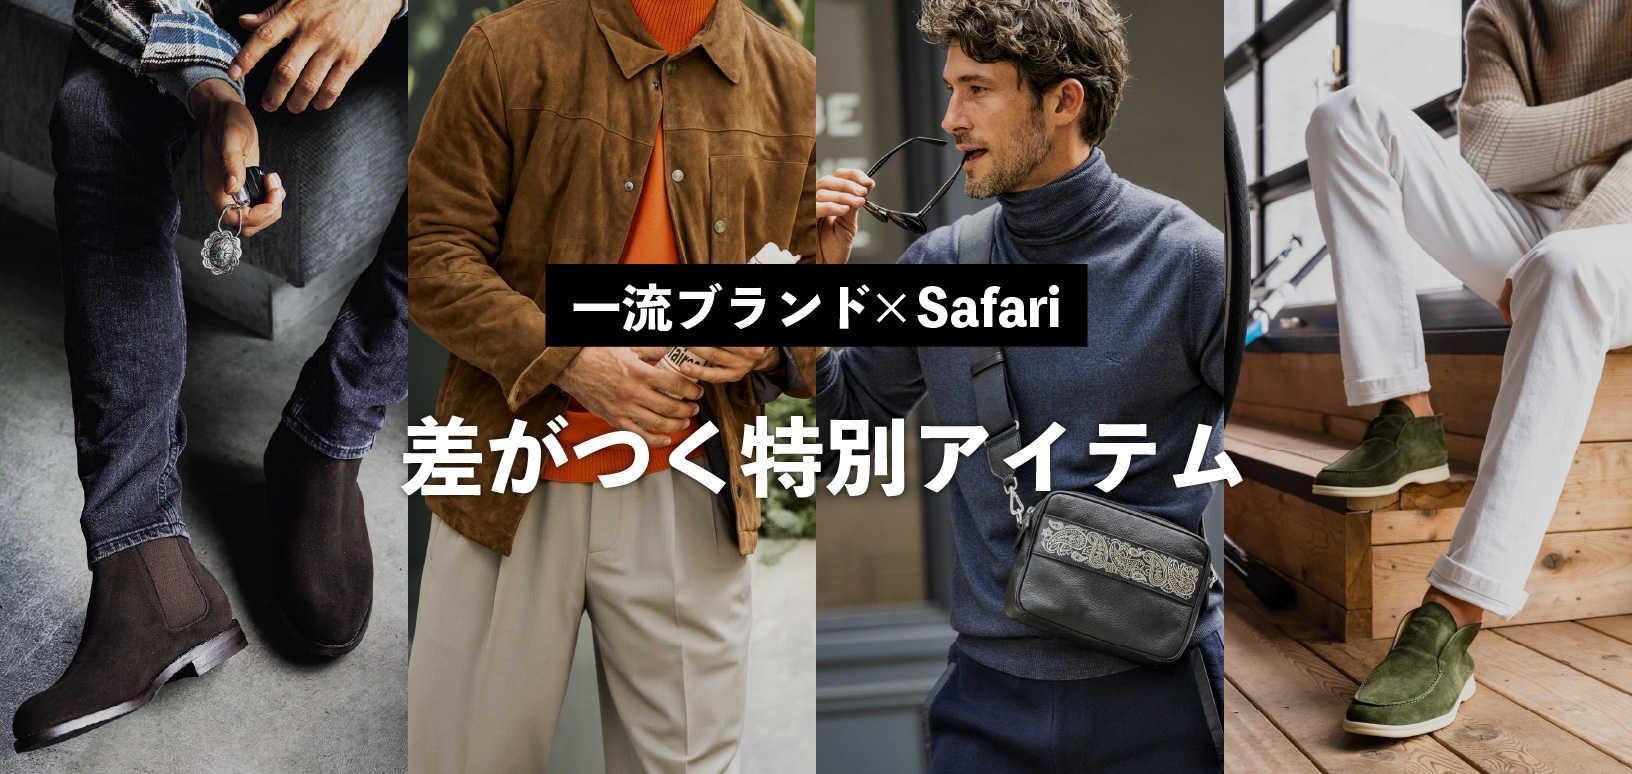 一流ブランド×Safari 差がつく特別アイテム